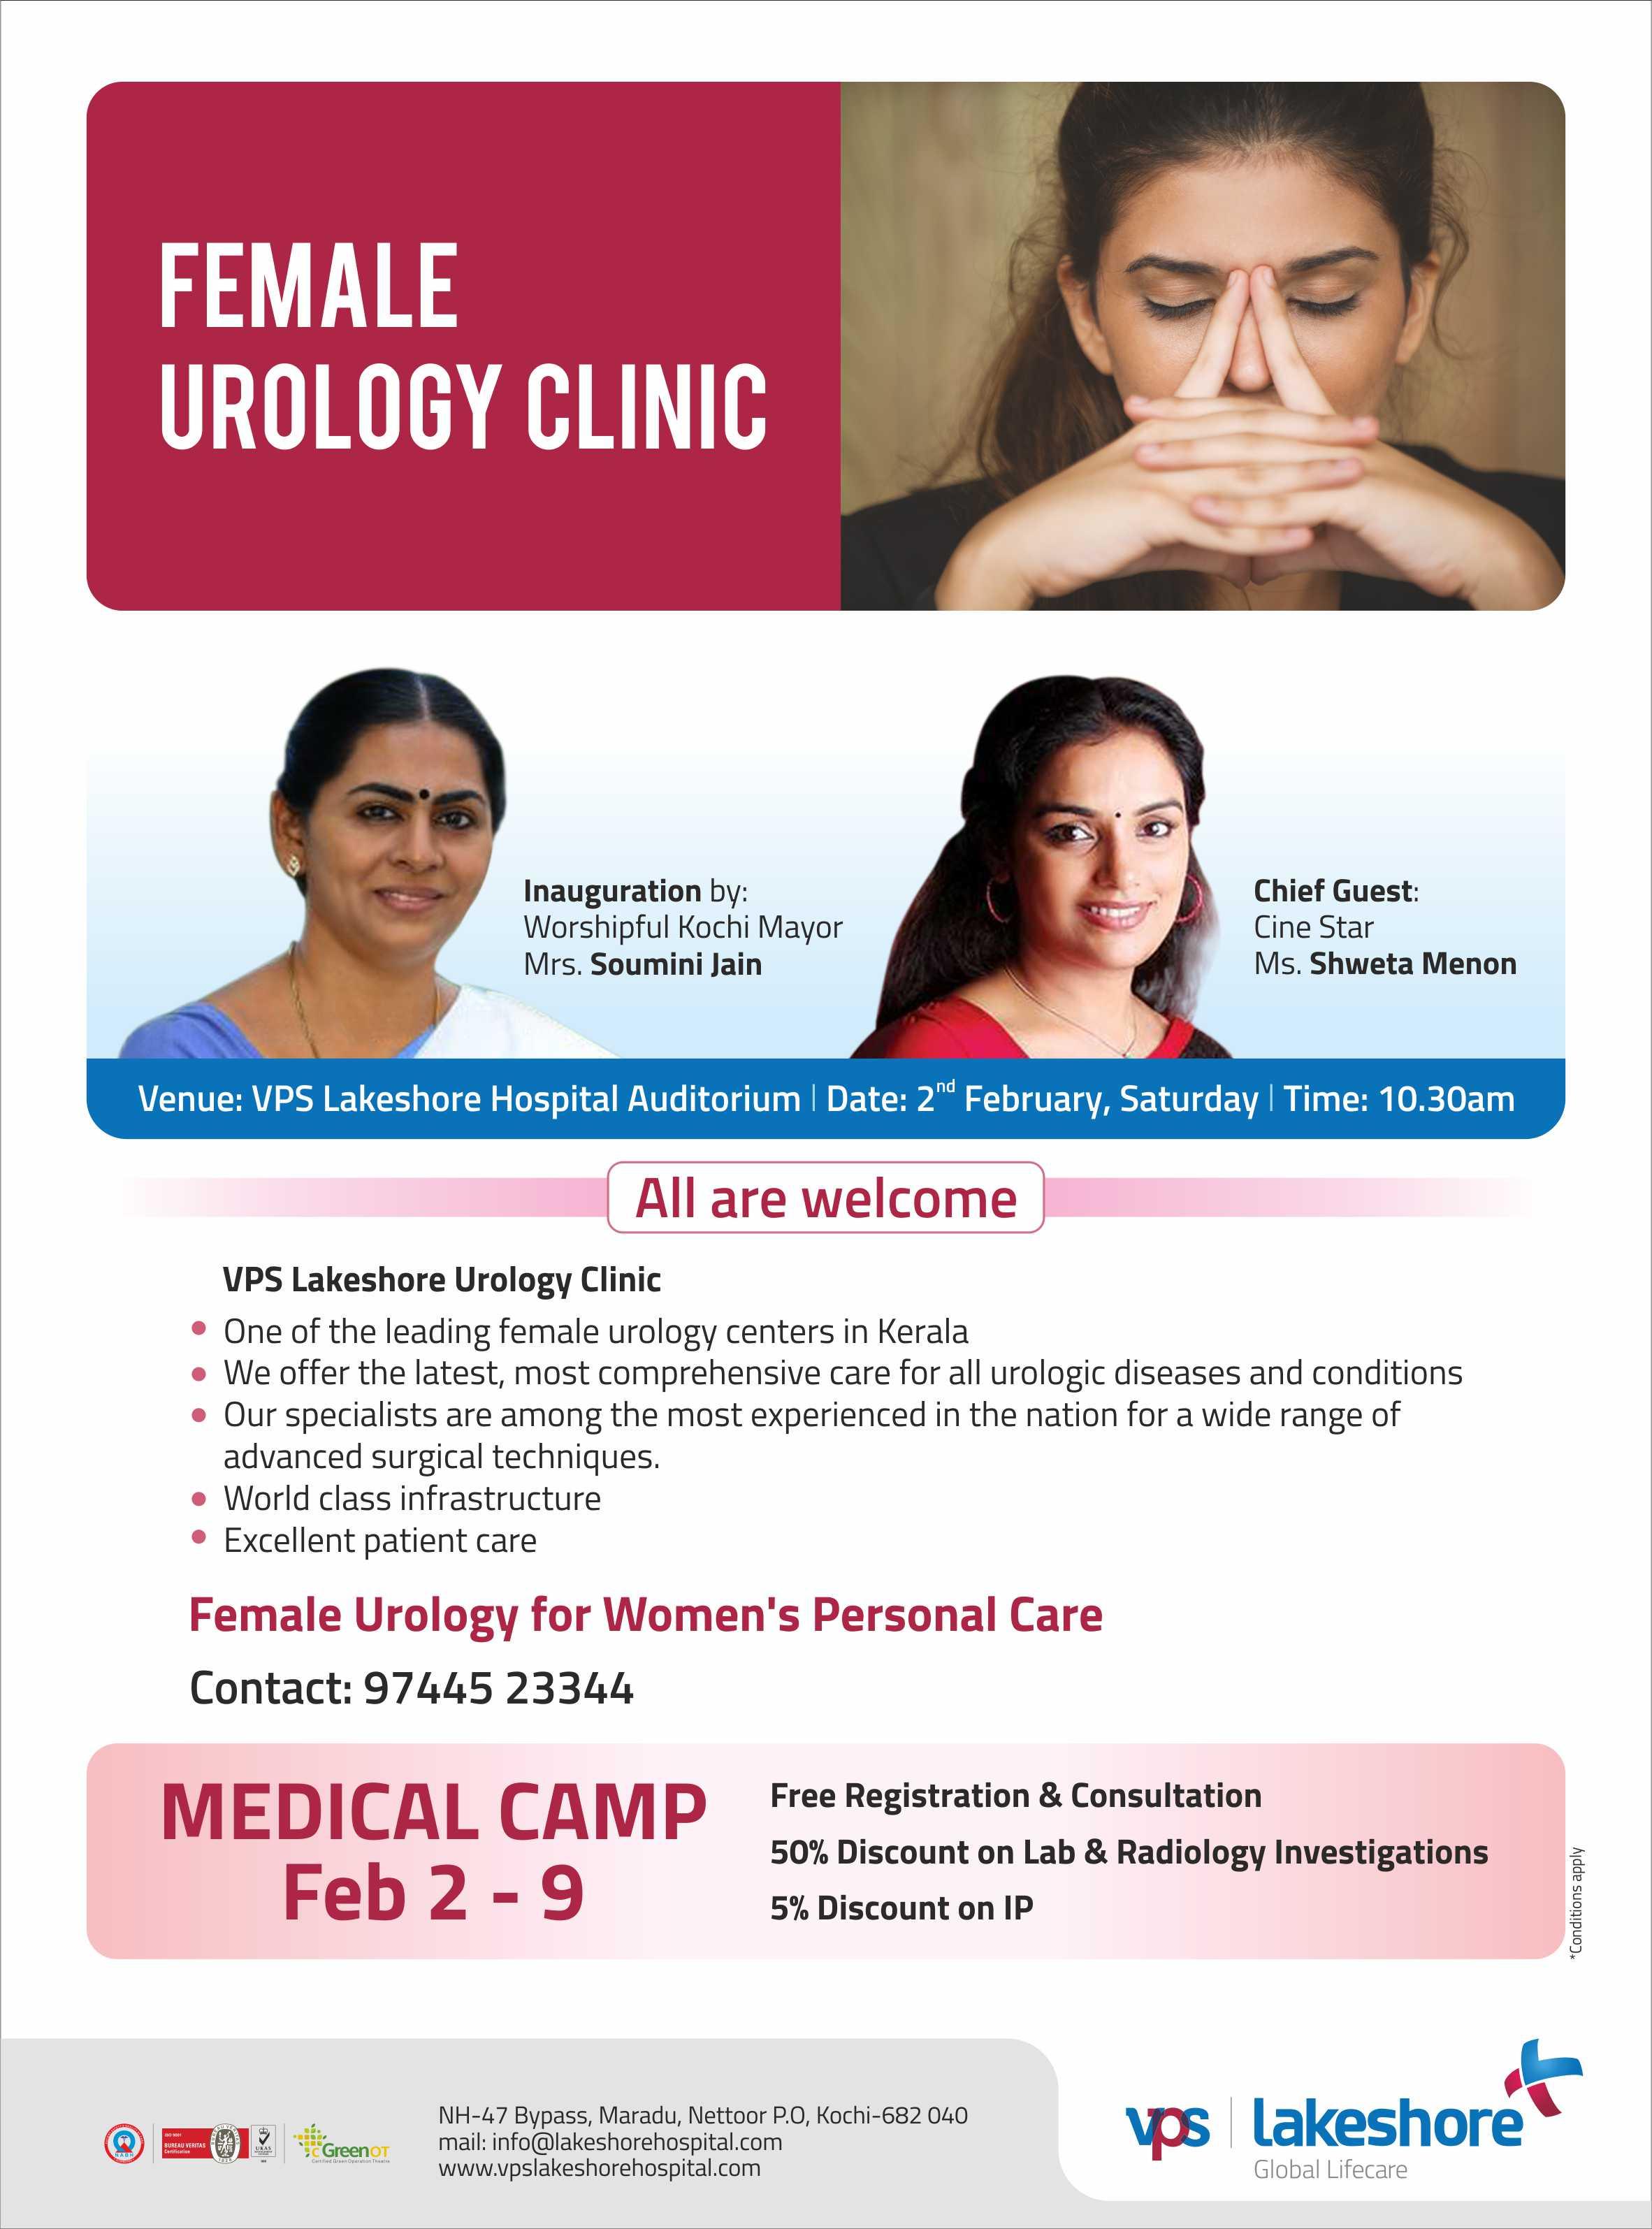 Multispeciality Hospital in Kochi, Kerala - VPS Lakeshore